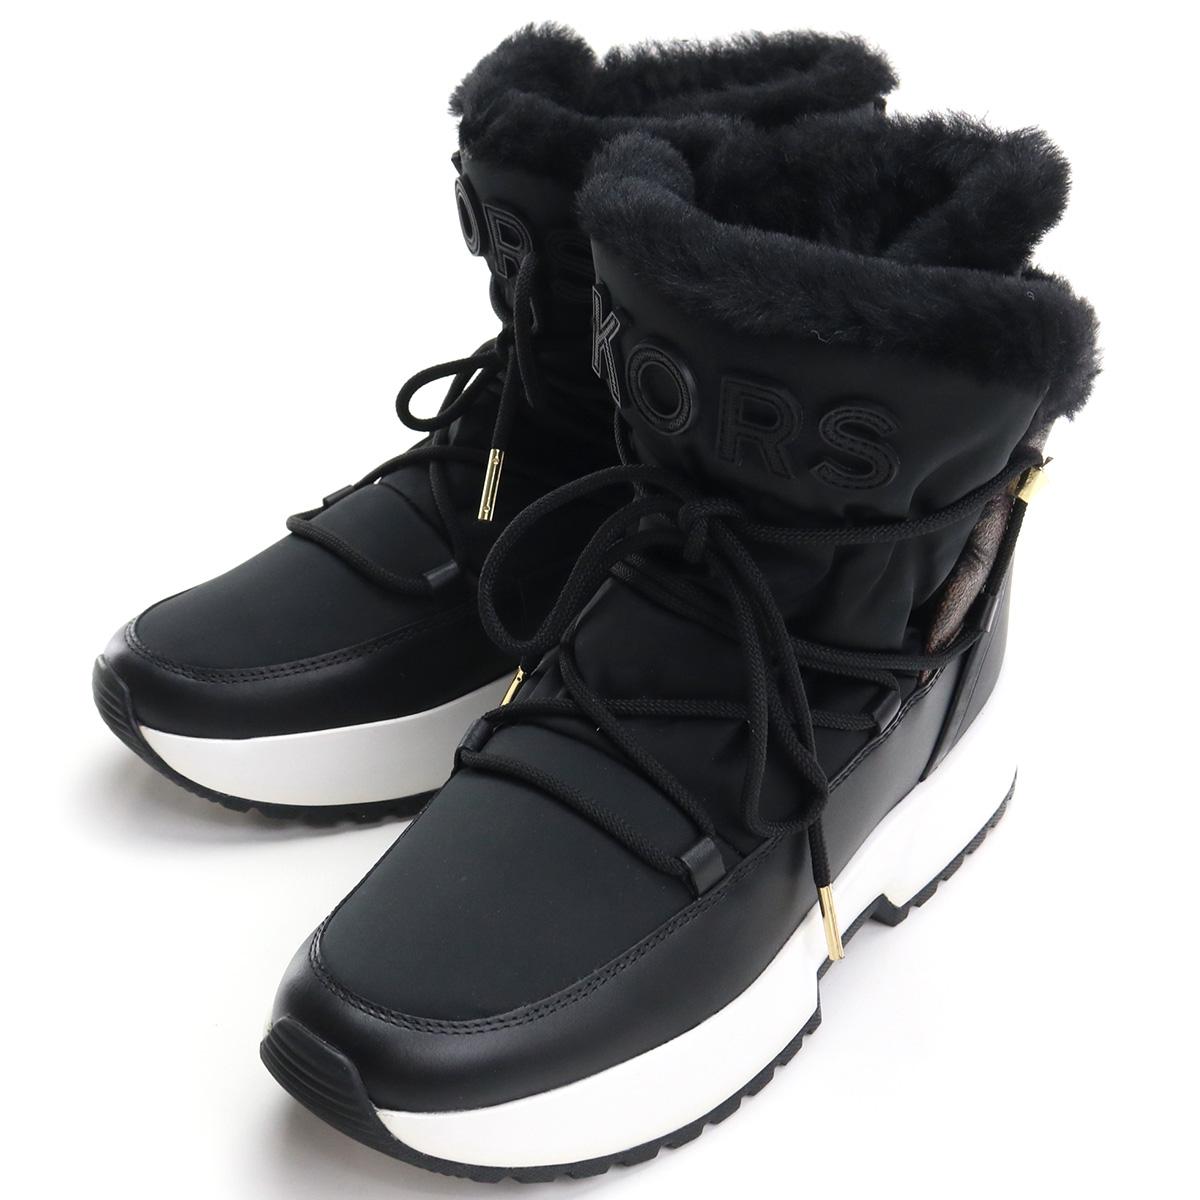 ※ 送料無料 Special Price マイケル メイルオーダー コース MICHAEL KORS レディースシューズ ブラウン系 BLK mks-01 ☆正規品新品未使用品 boots-01 40F9CSFE3D ブラック BROWN shoes-01 NYLON